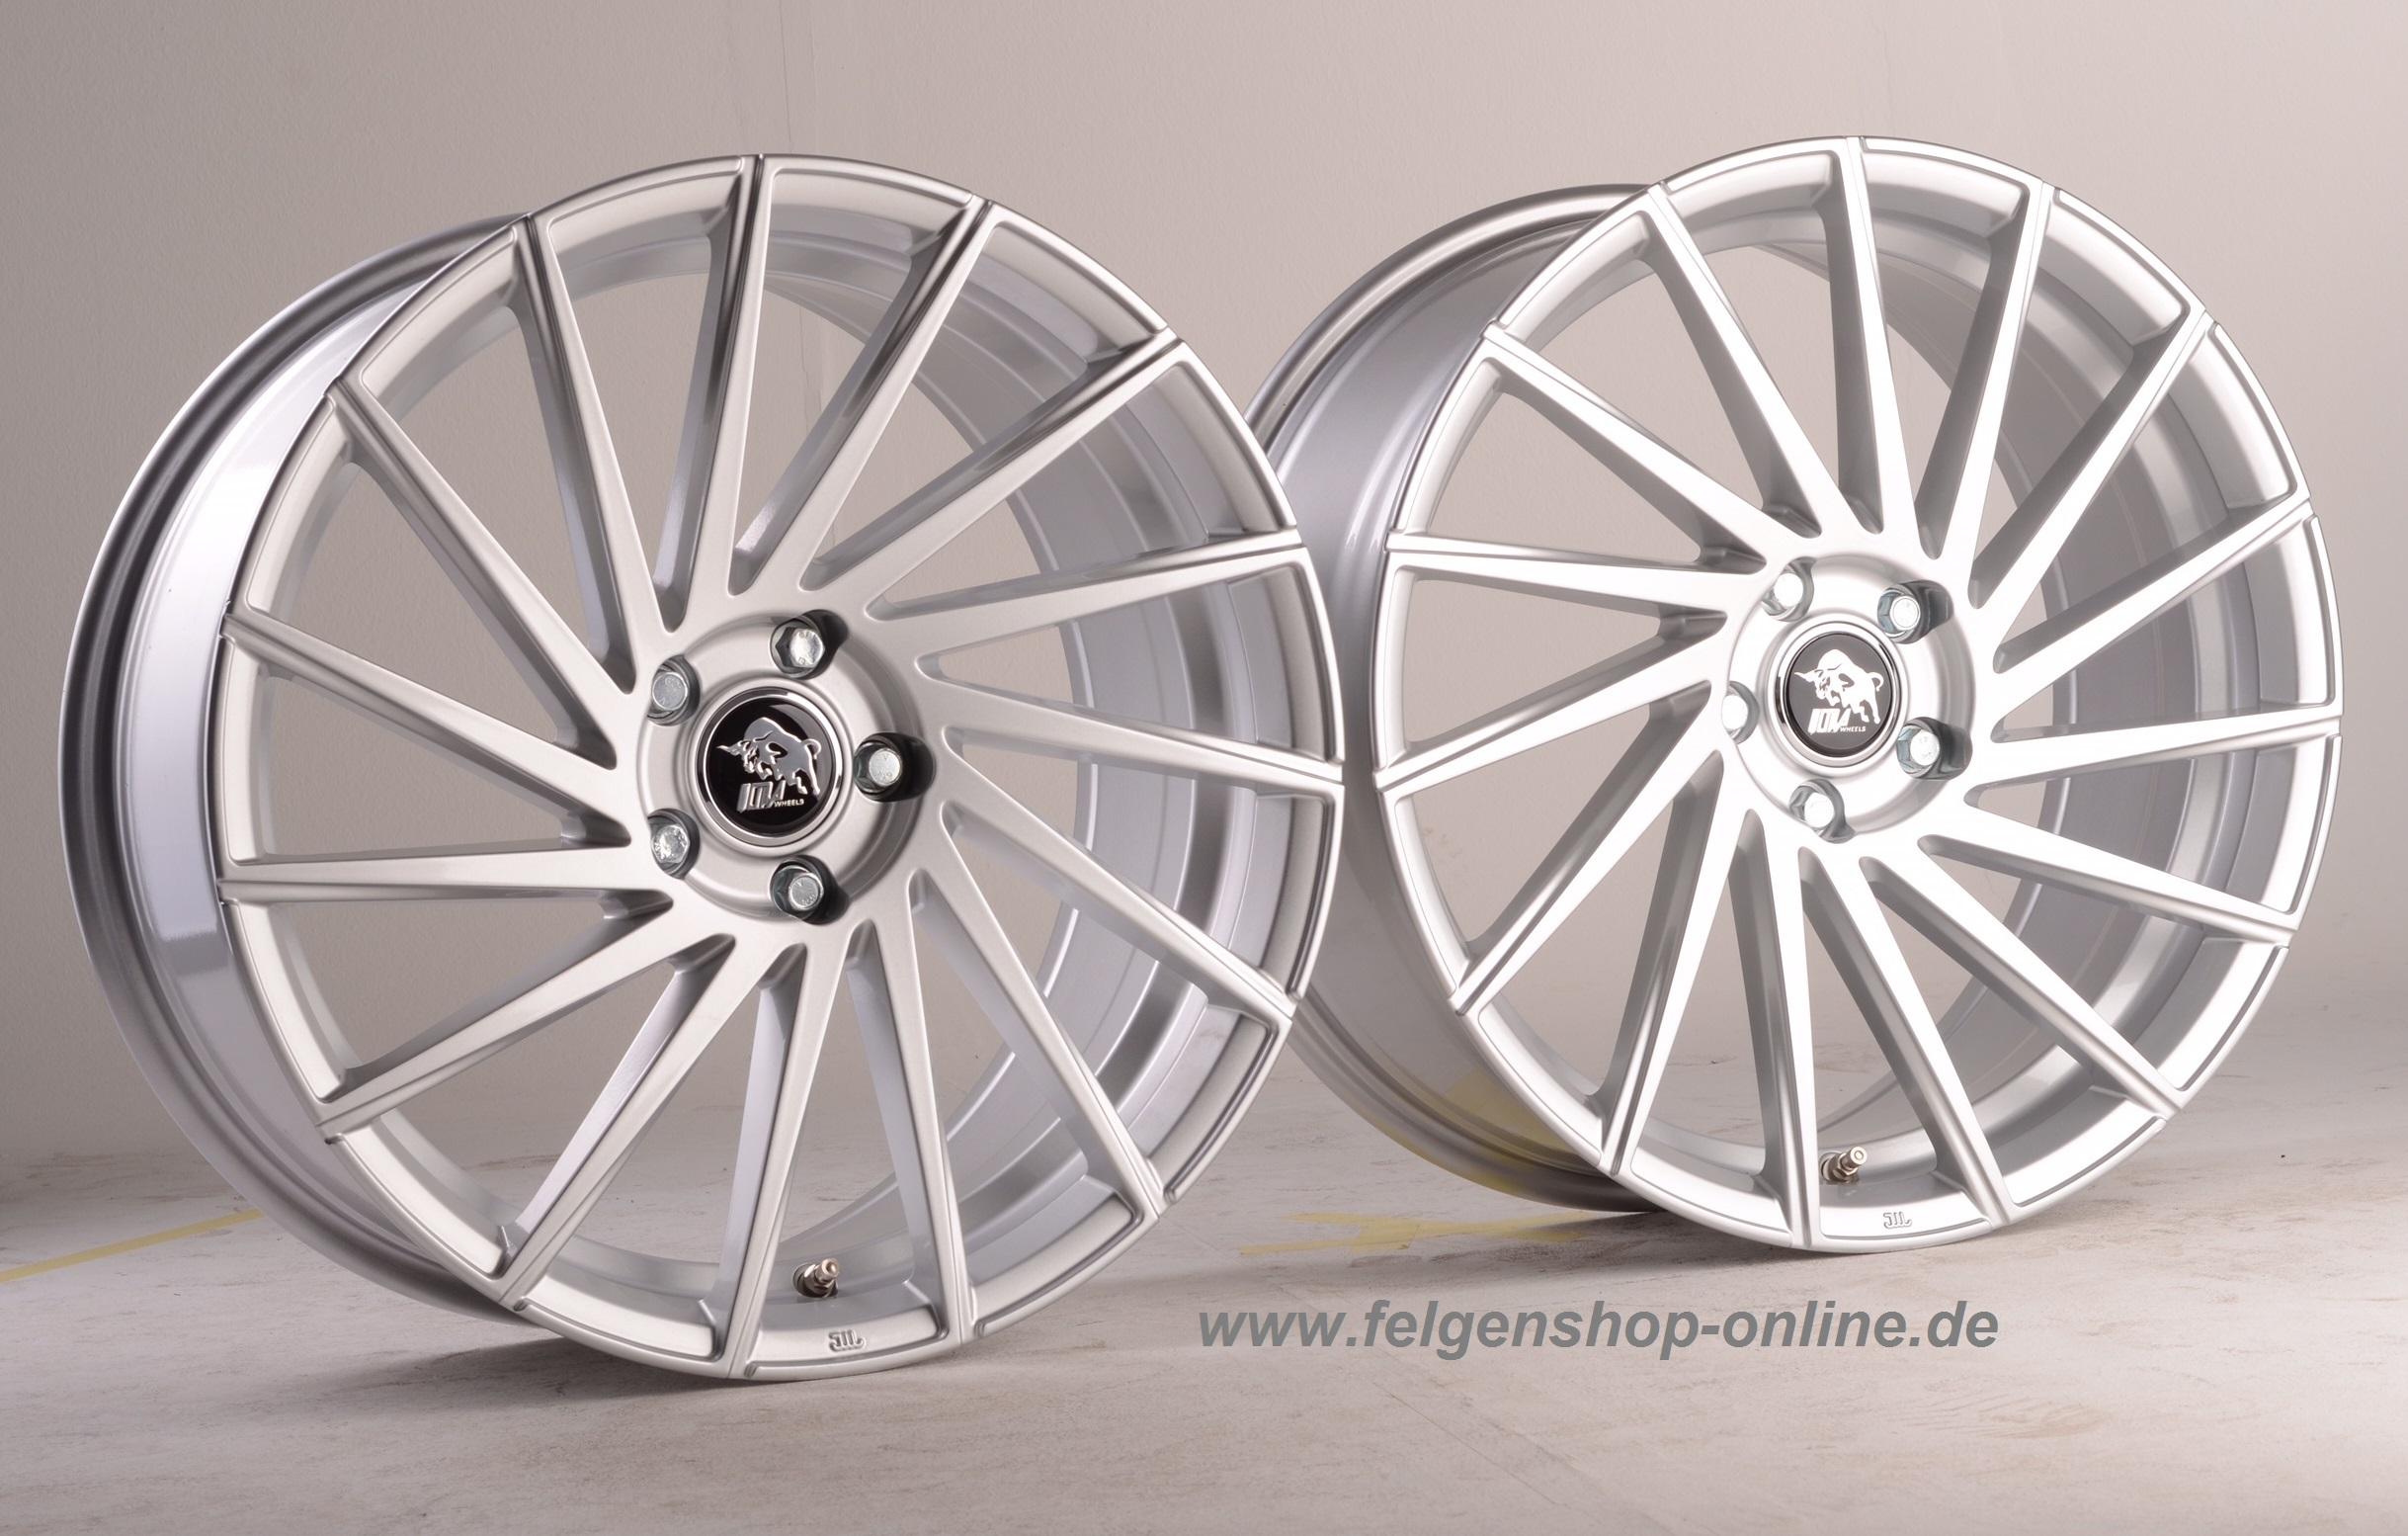 ultra wheels ua9 8x18 silber links 5x112 et35. Black Bedroom Furniture Sets. Home Design Ideas